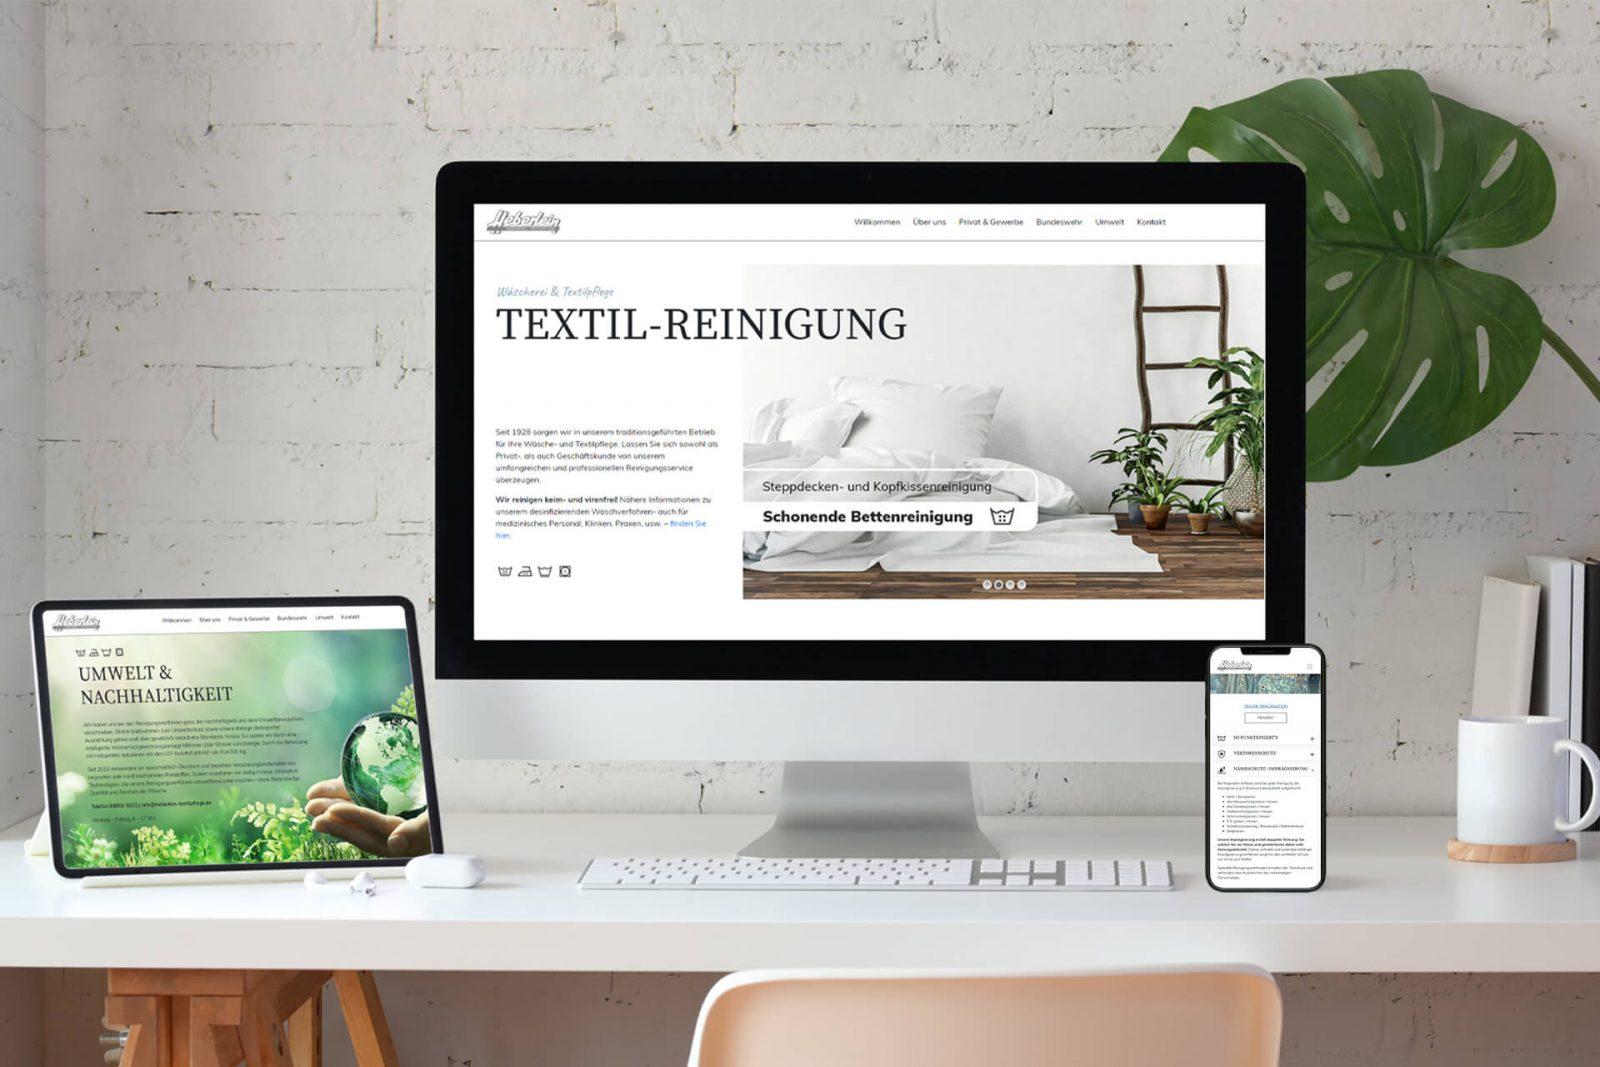 Onlinepräsenz für Reinigung